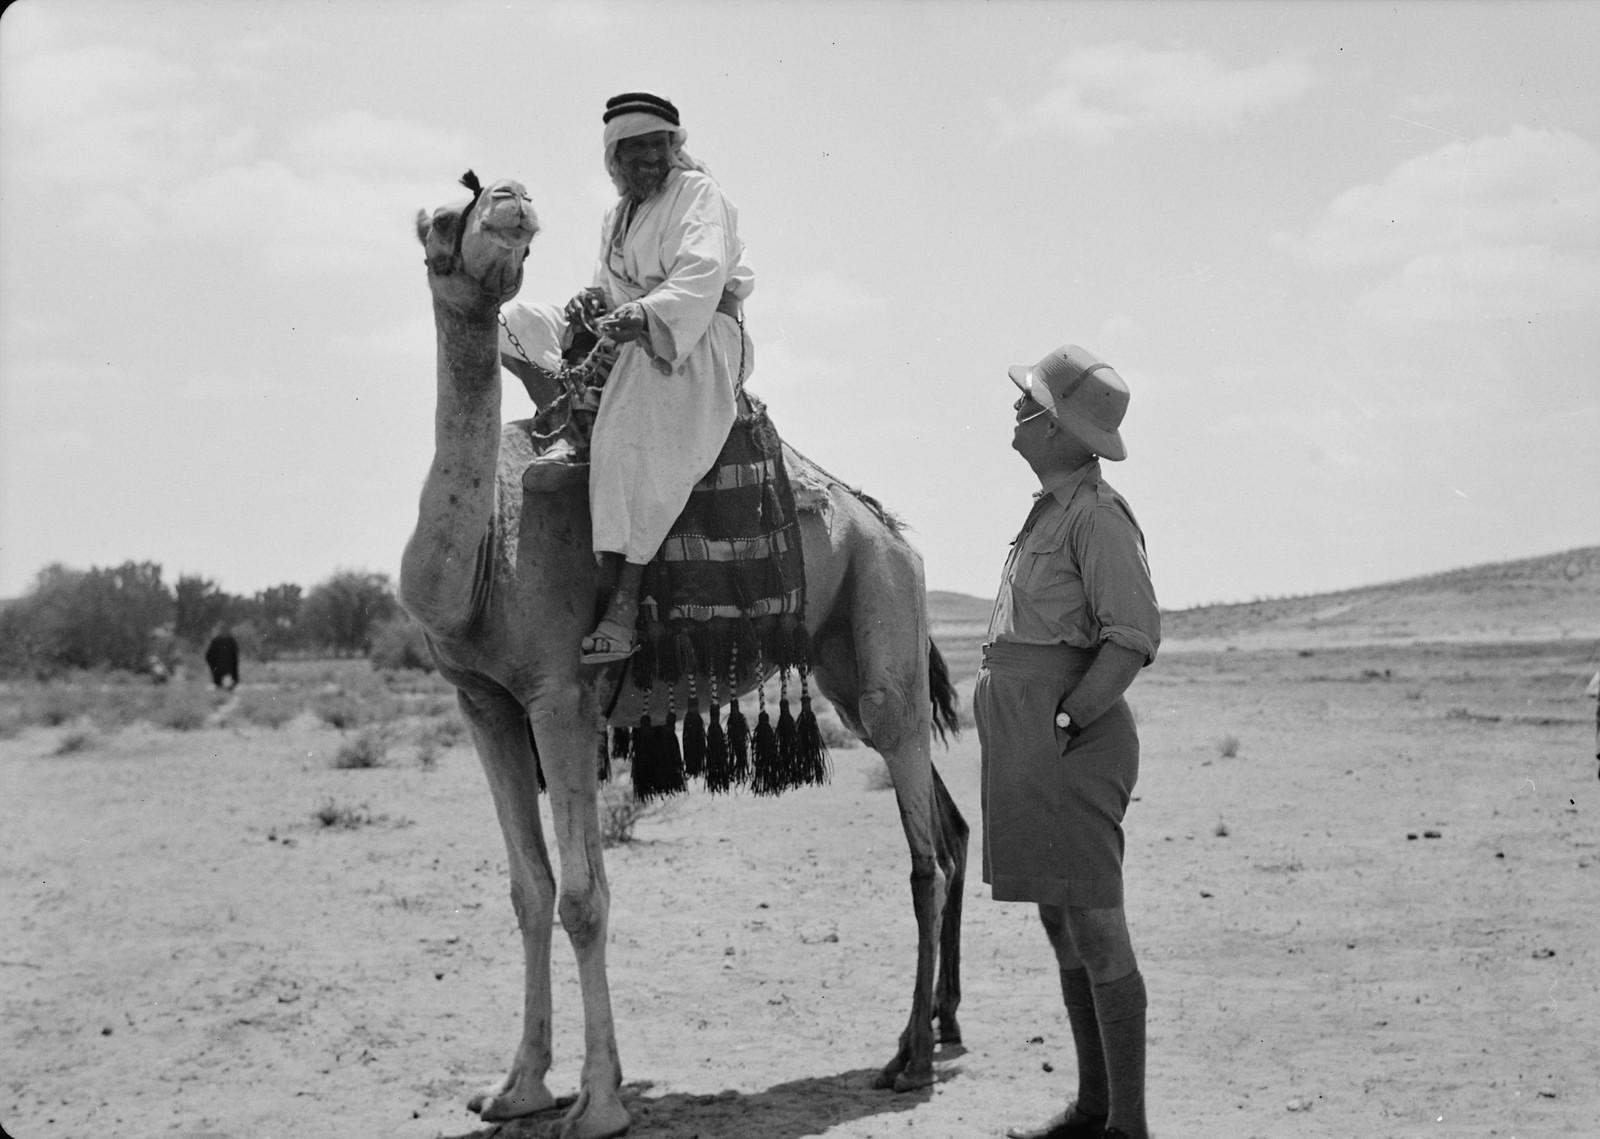 Доктор В.Л. Фергюсон разговаривает с бедуином на верблюде